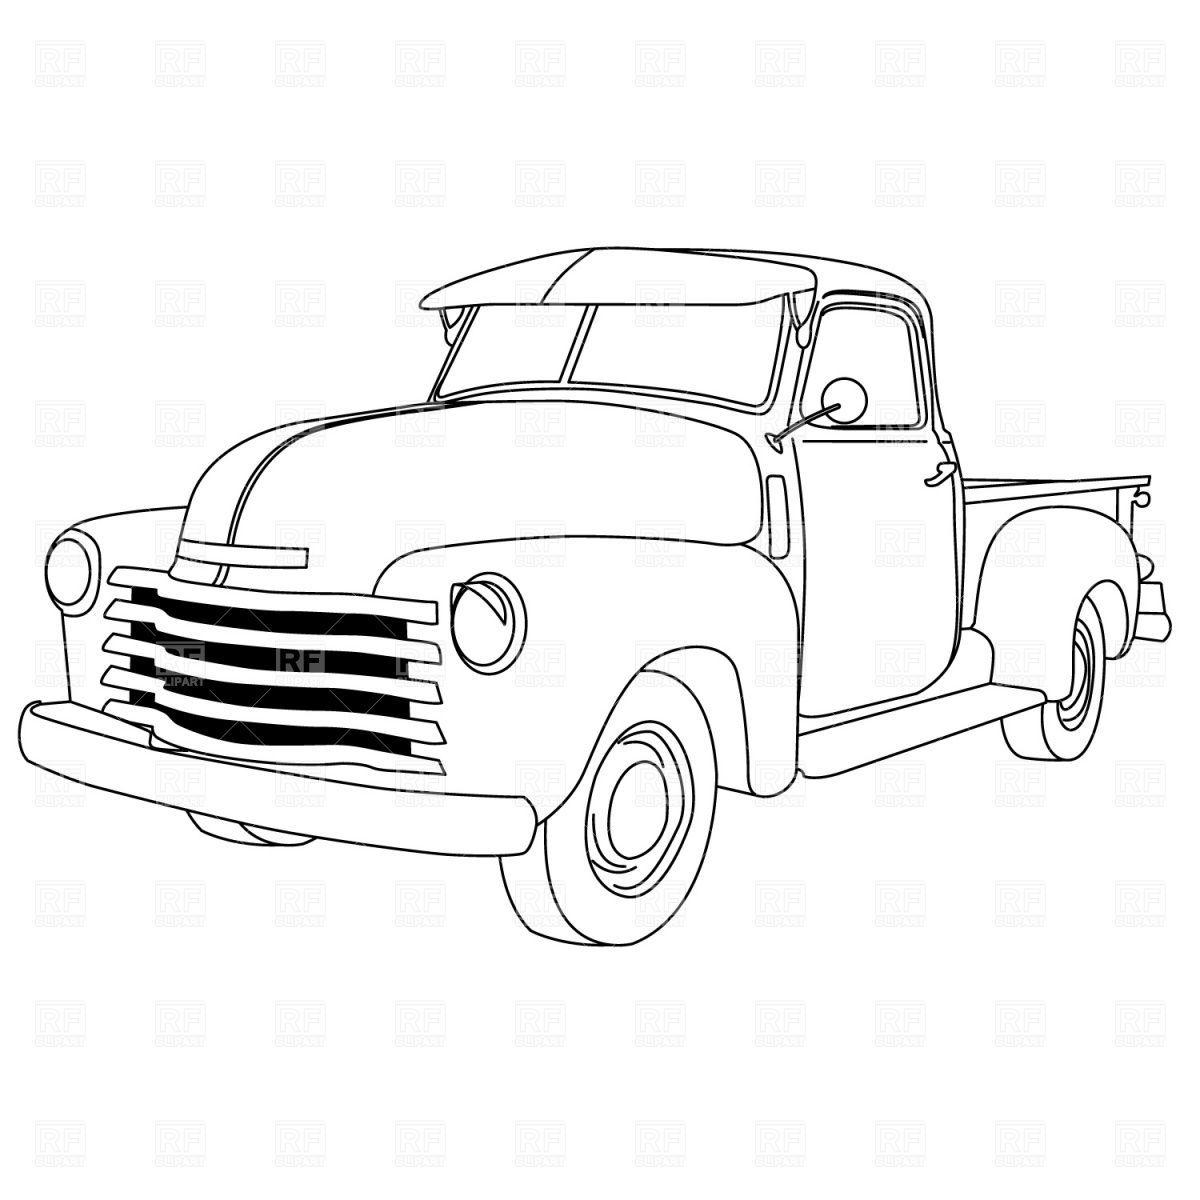 resultado de imagen para vintage chevy truck drawing trazo l nea 1969 Chevy C10 PU resultado de imagen para vintage chevy truck drawing